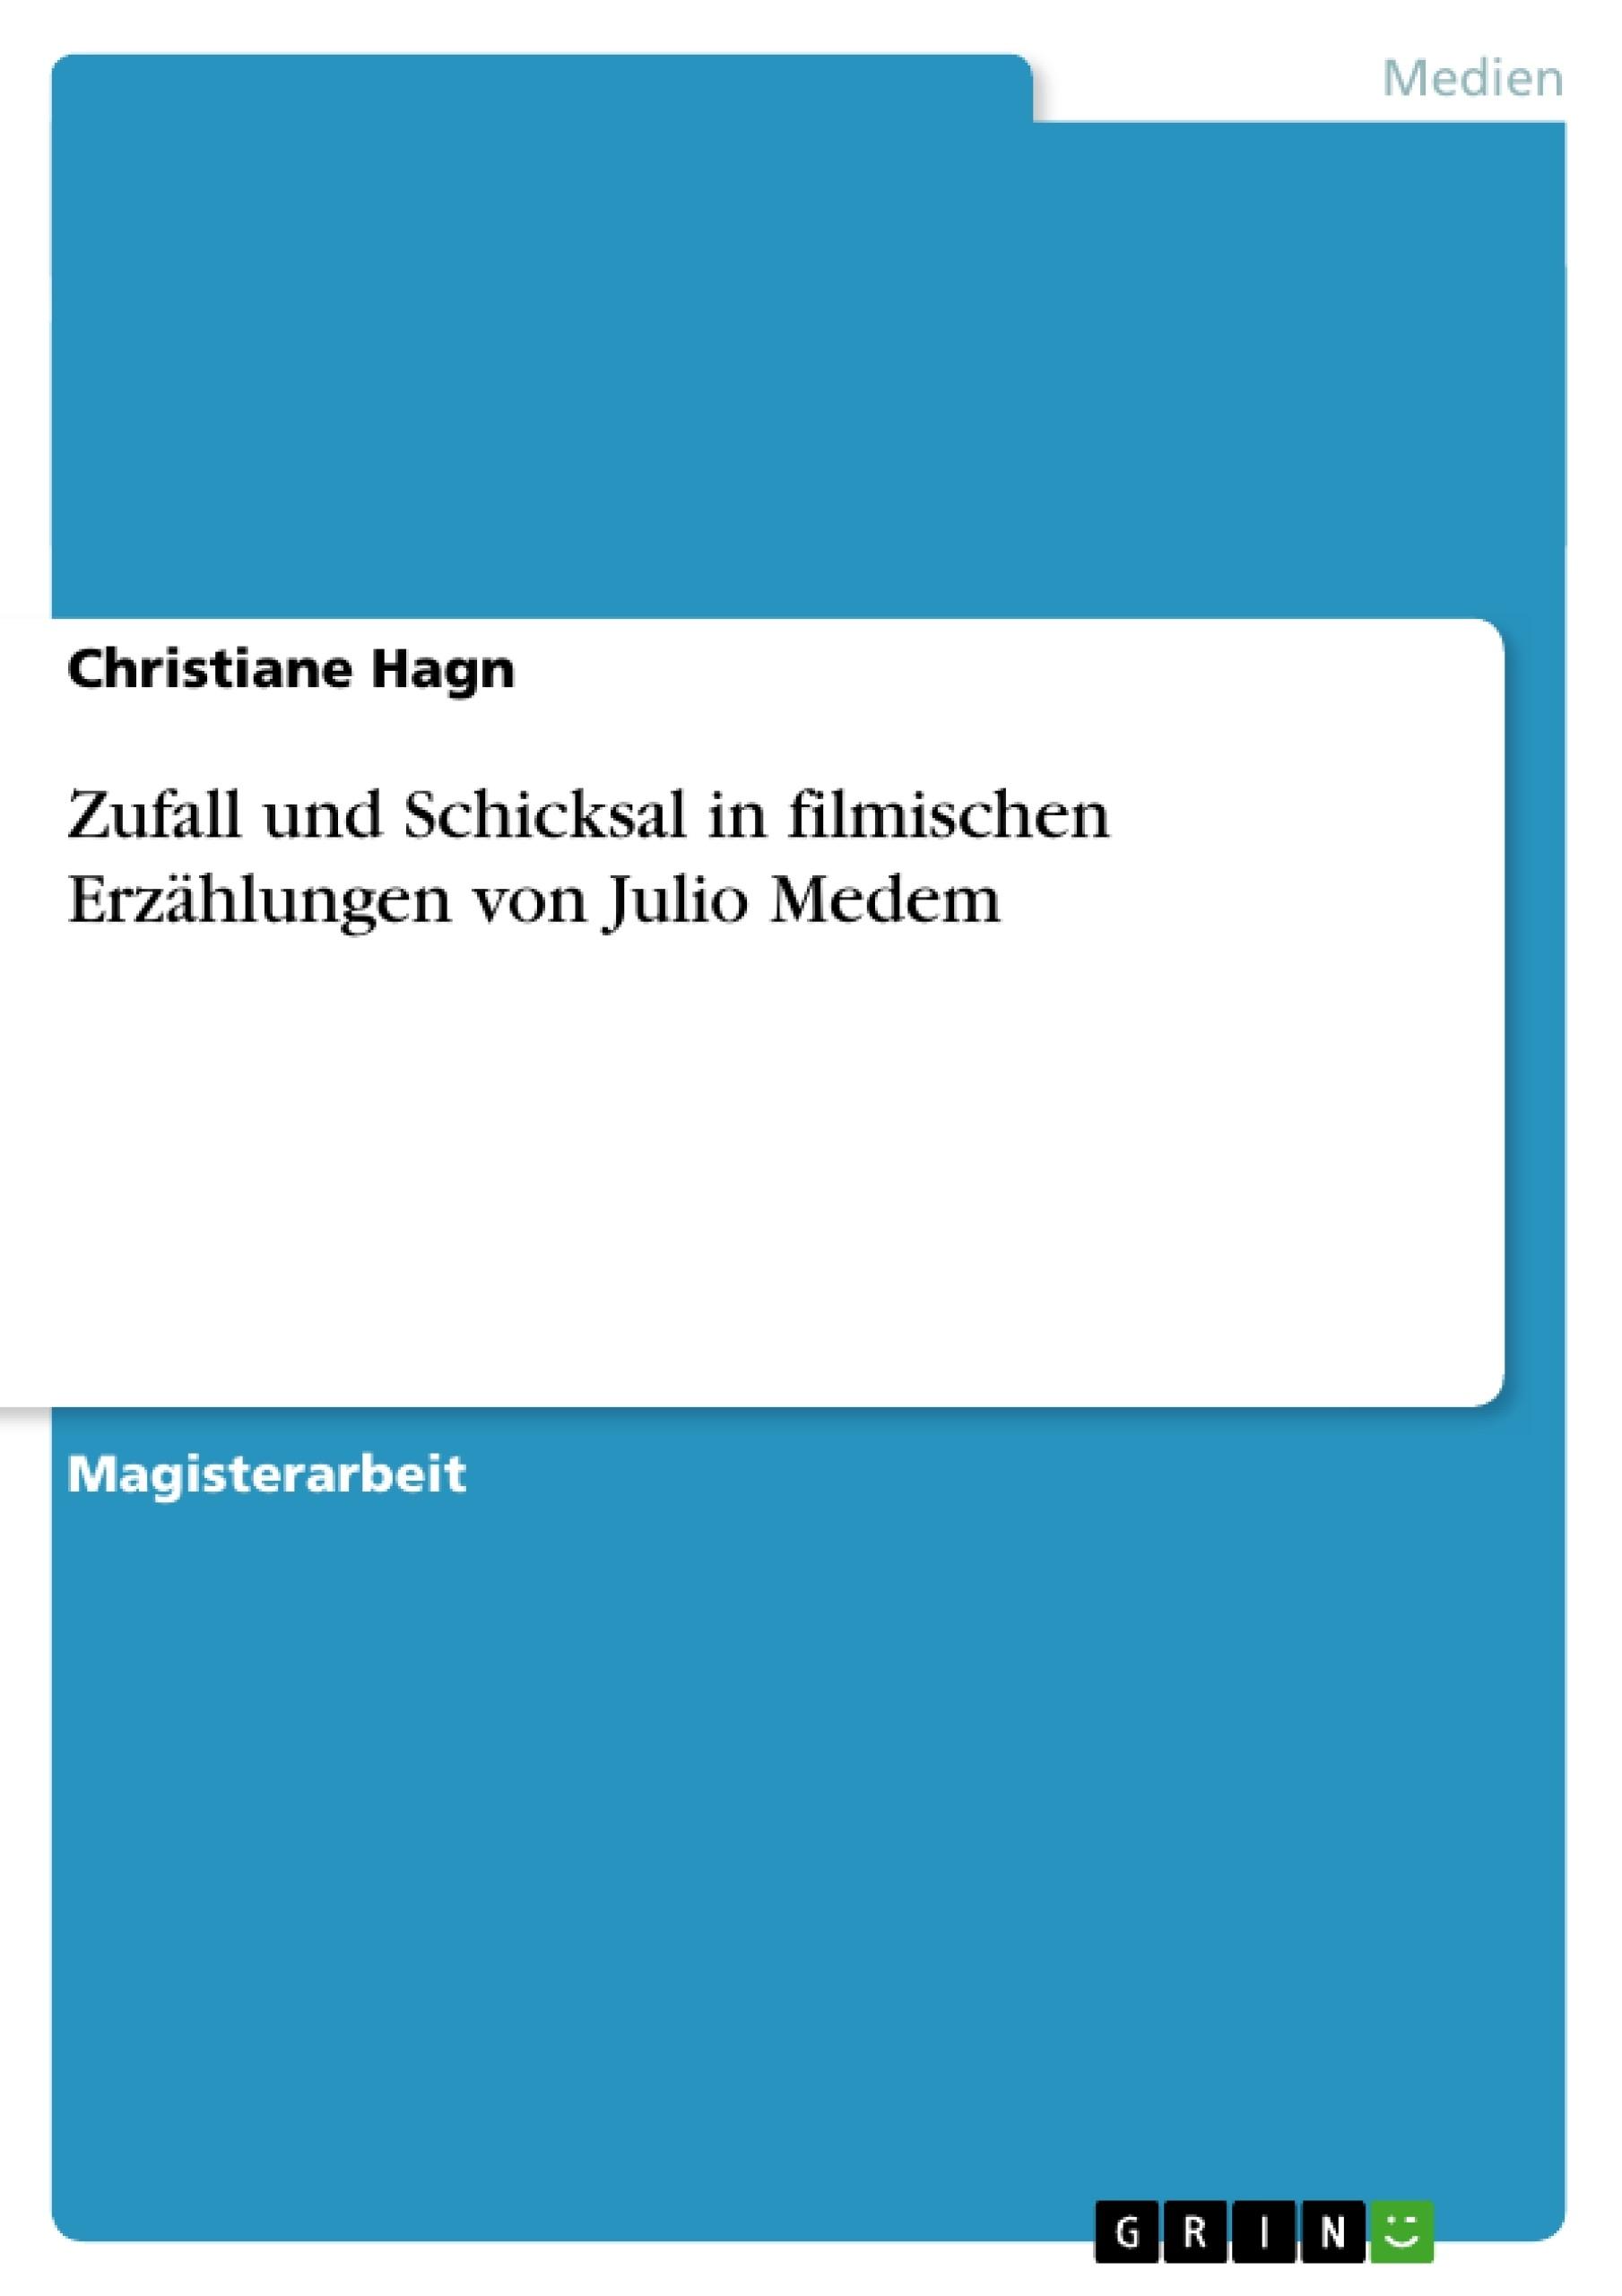 Titel: Zufall und Schicksal in filmischen Erzählungen von Julio Medem